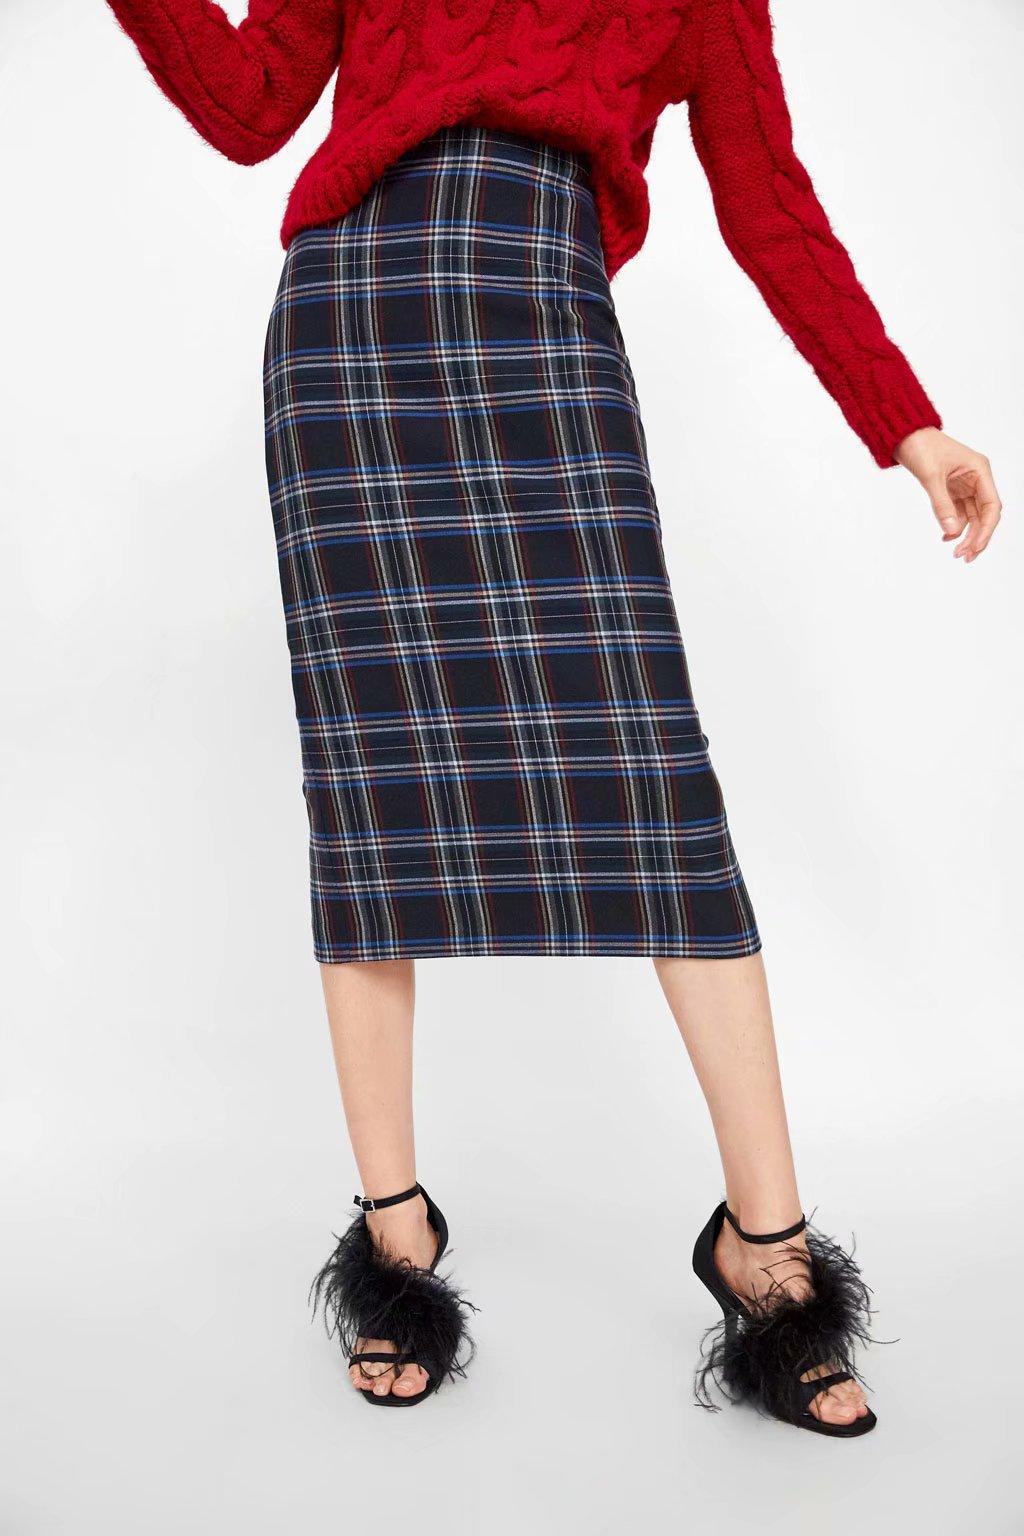 d4cfdcbe0 Faldas A Cuadros Mujer | Wig Elegance